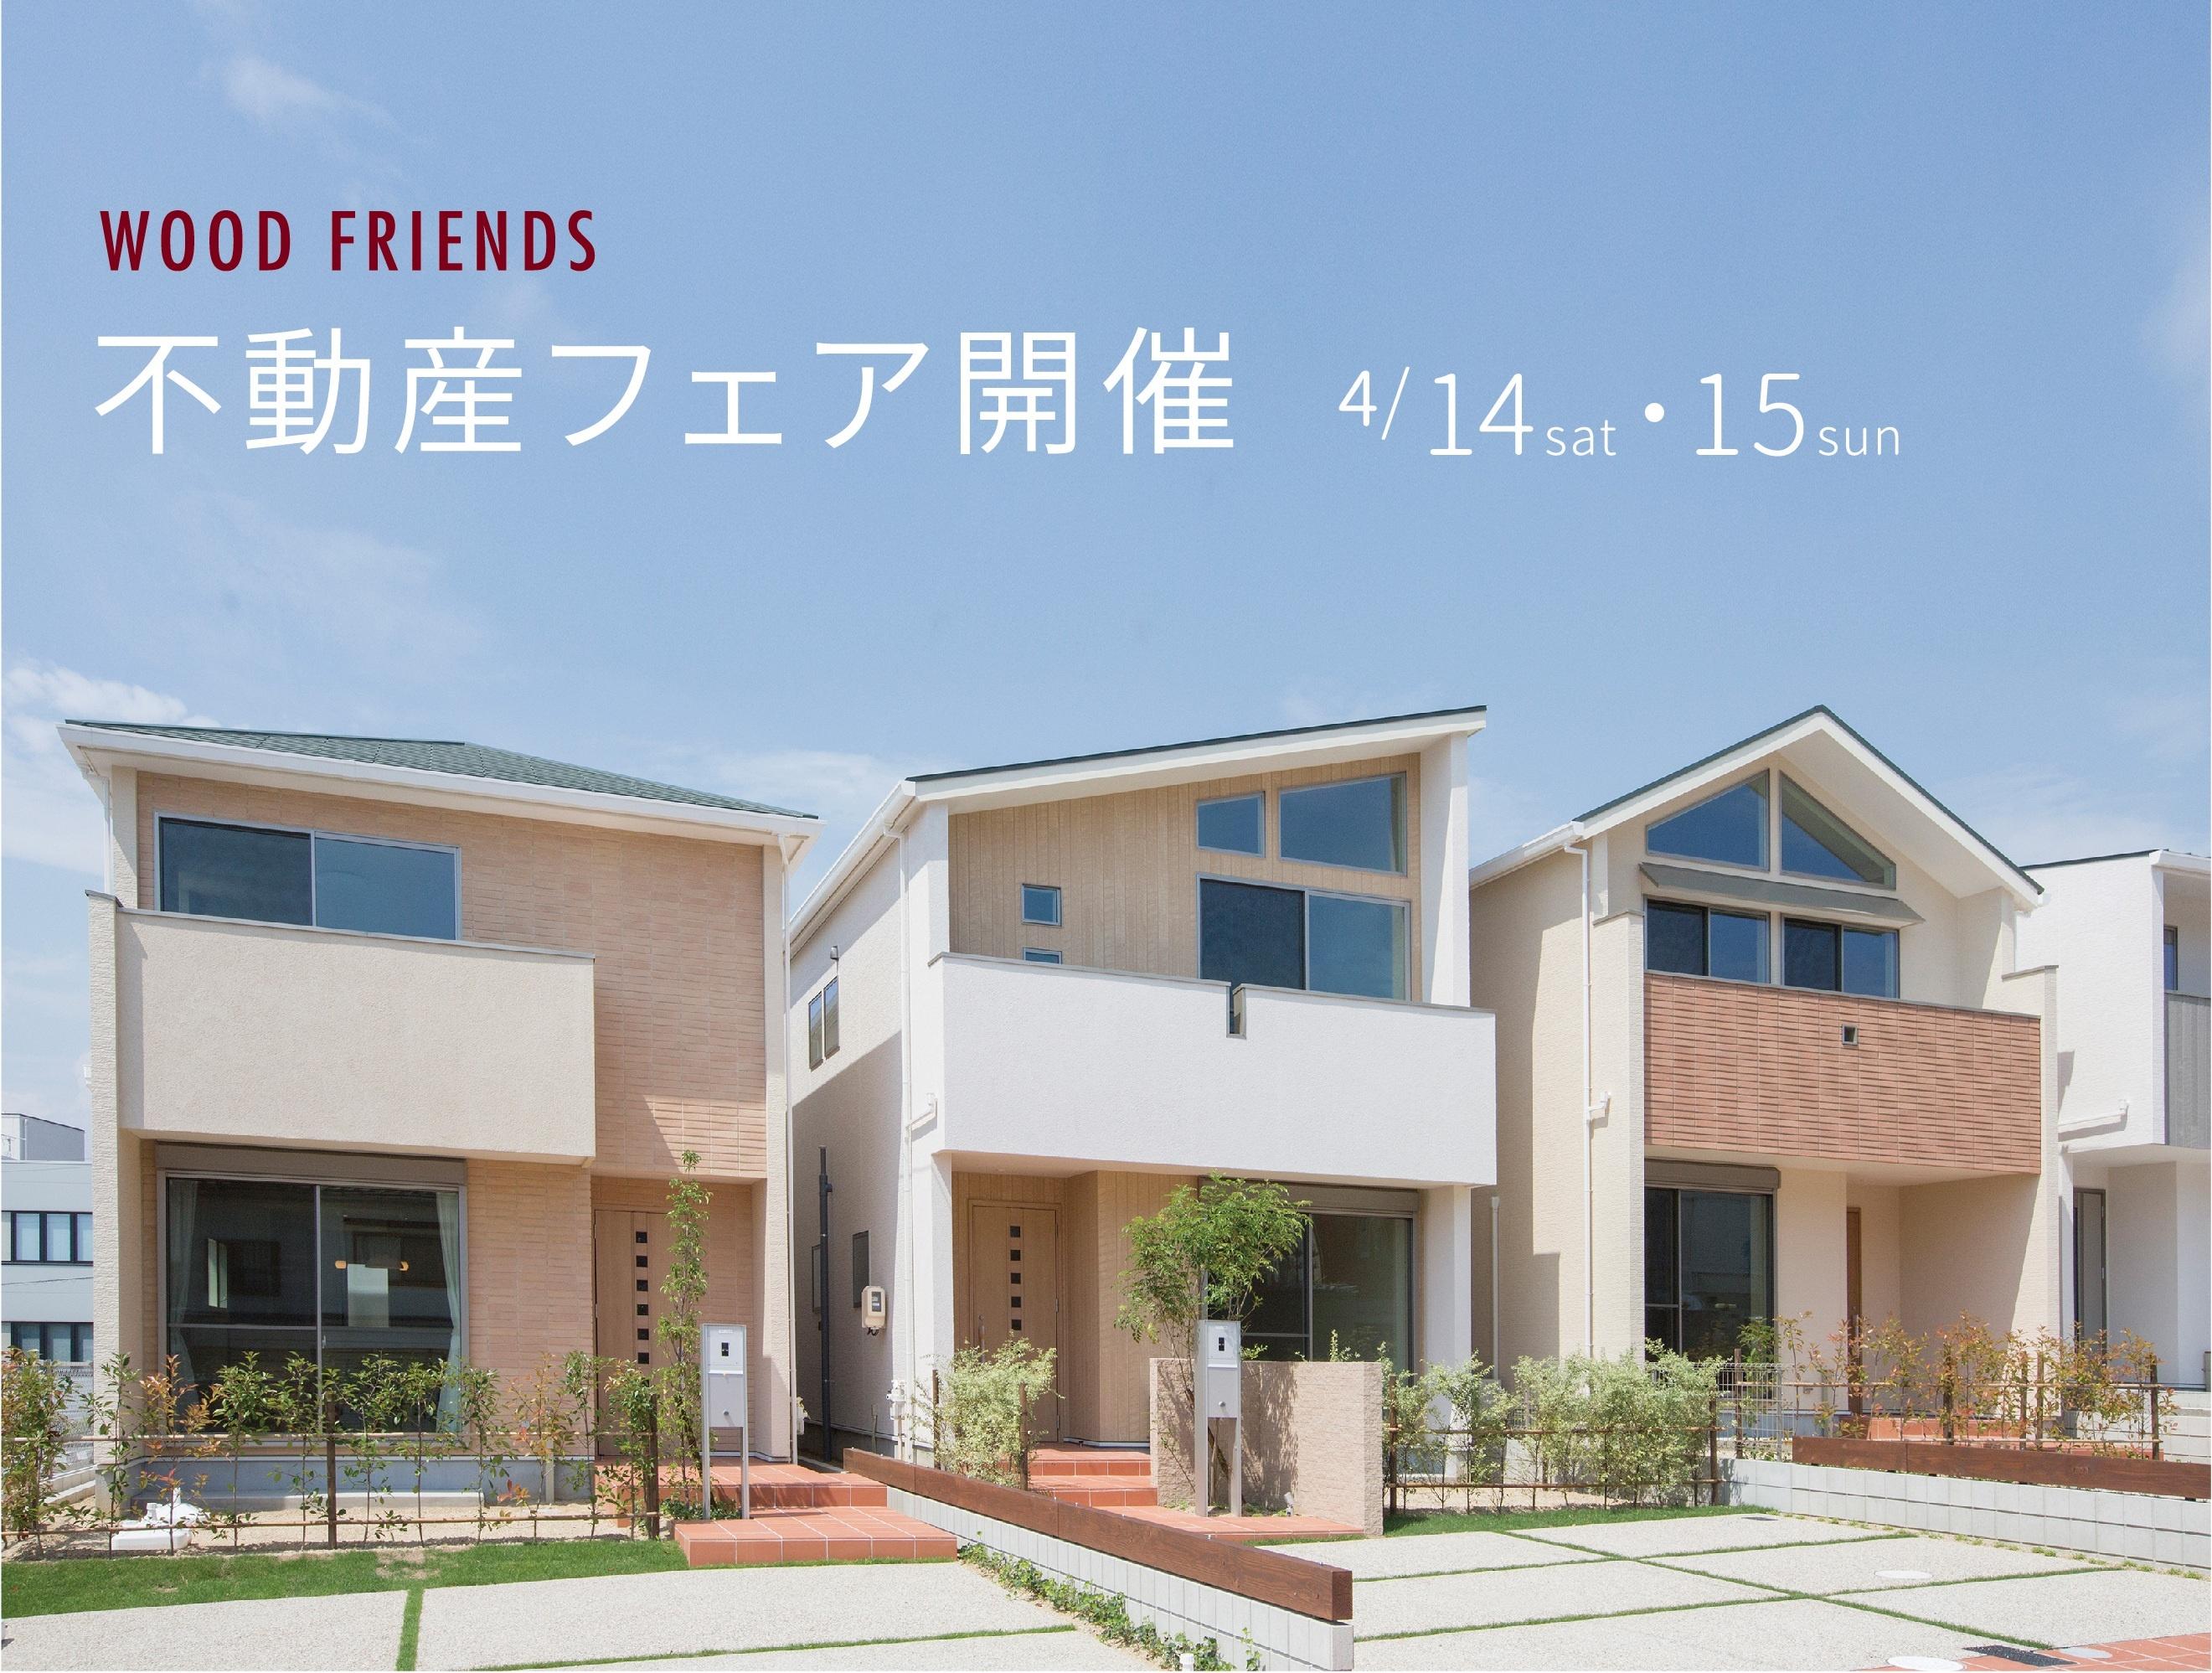 不動産フェア開催のお知らせ~4/14(土)・15(日)